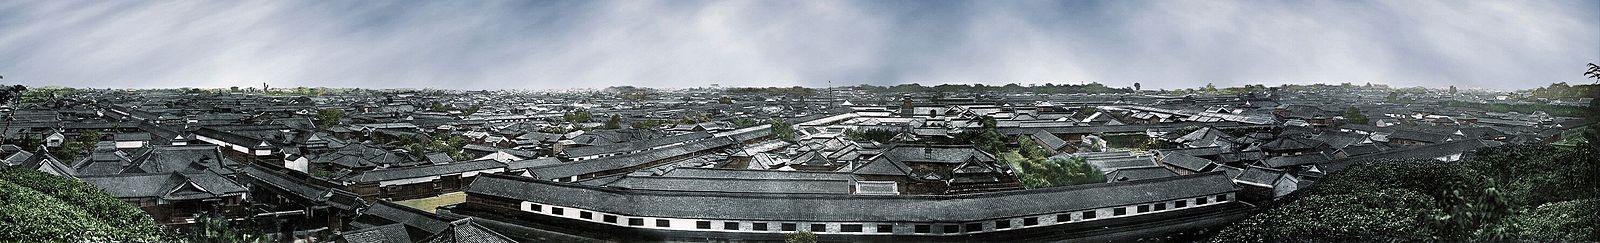 Panorama de Edo (Tokio, en la actualidad), hacia 1865 o 1866. Fotocromo a partir de una fotografía de Felice Beato.